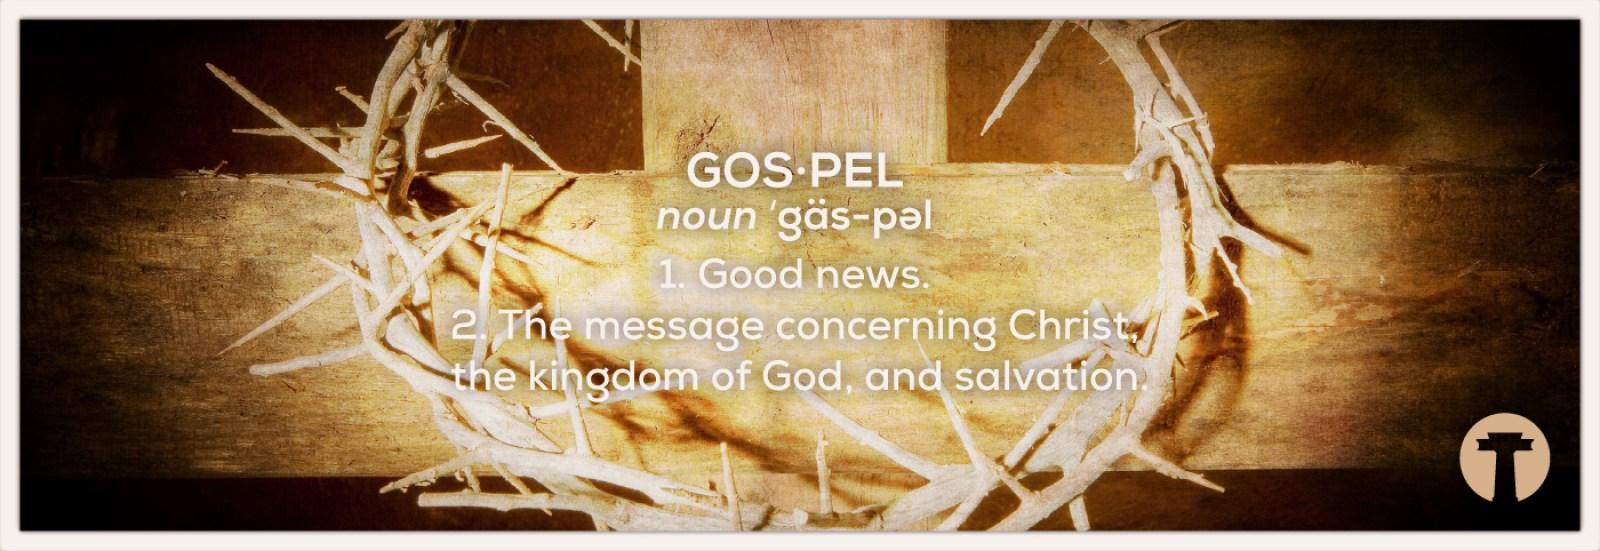 brad-header-gospel